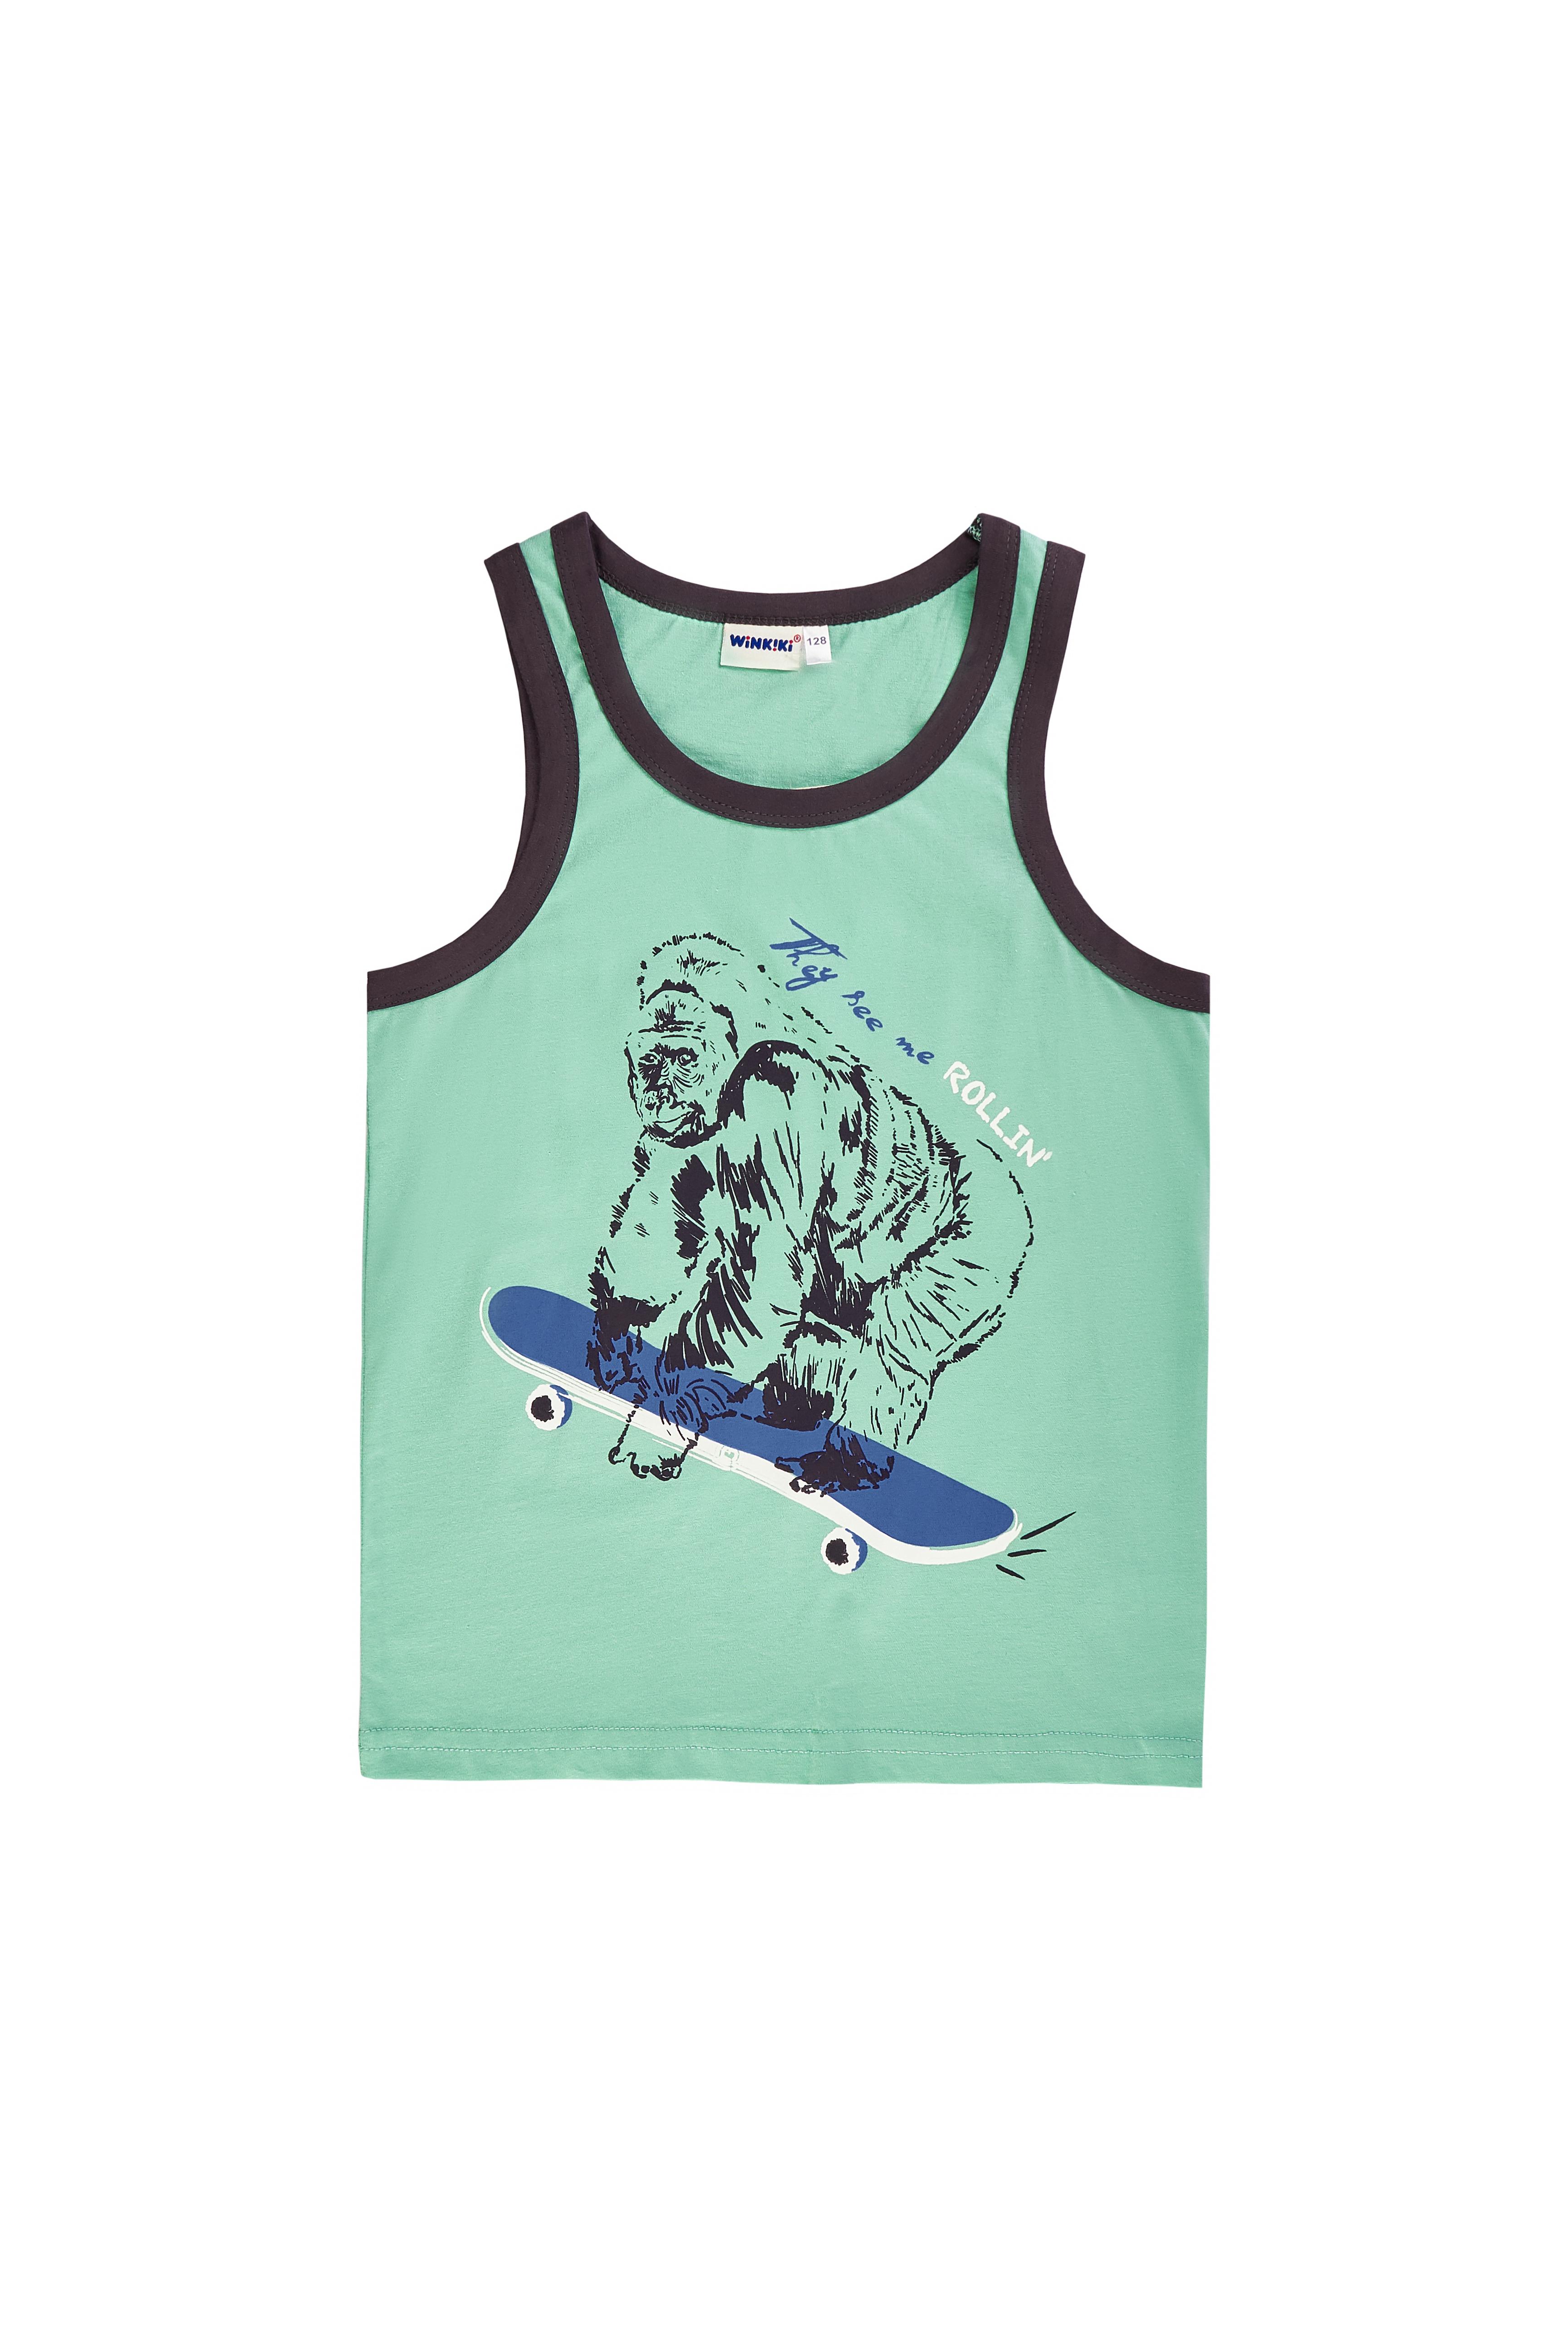 Chlapecké tílko Gorilla - modrá Bílá, Tmavě modrá, Zelená